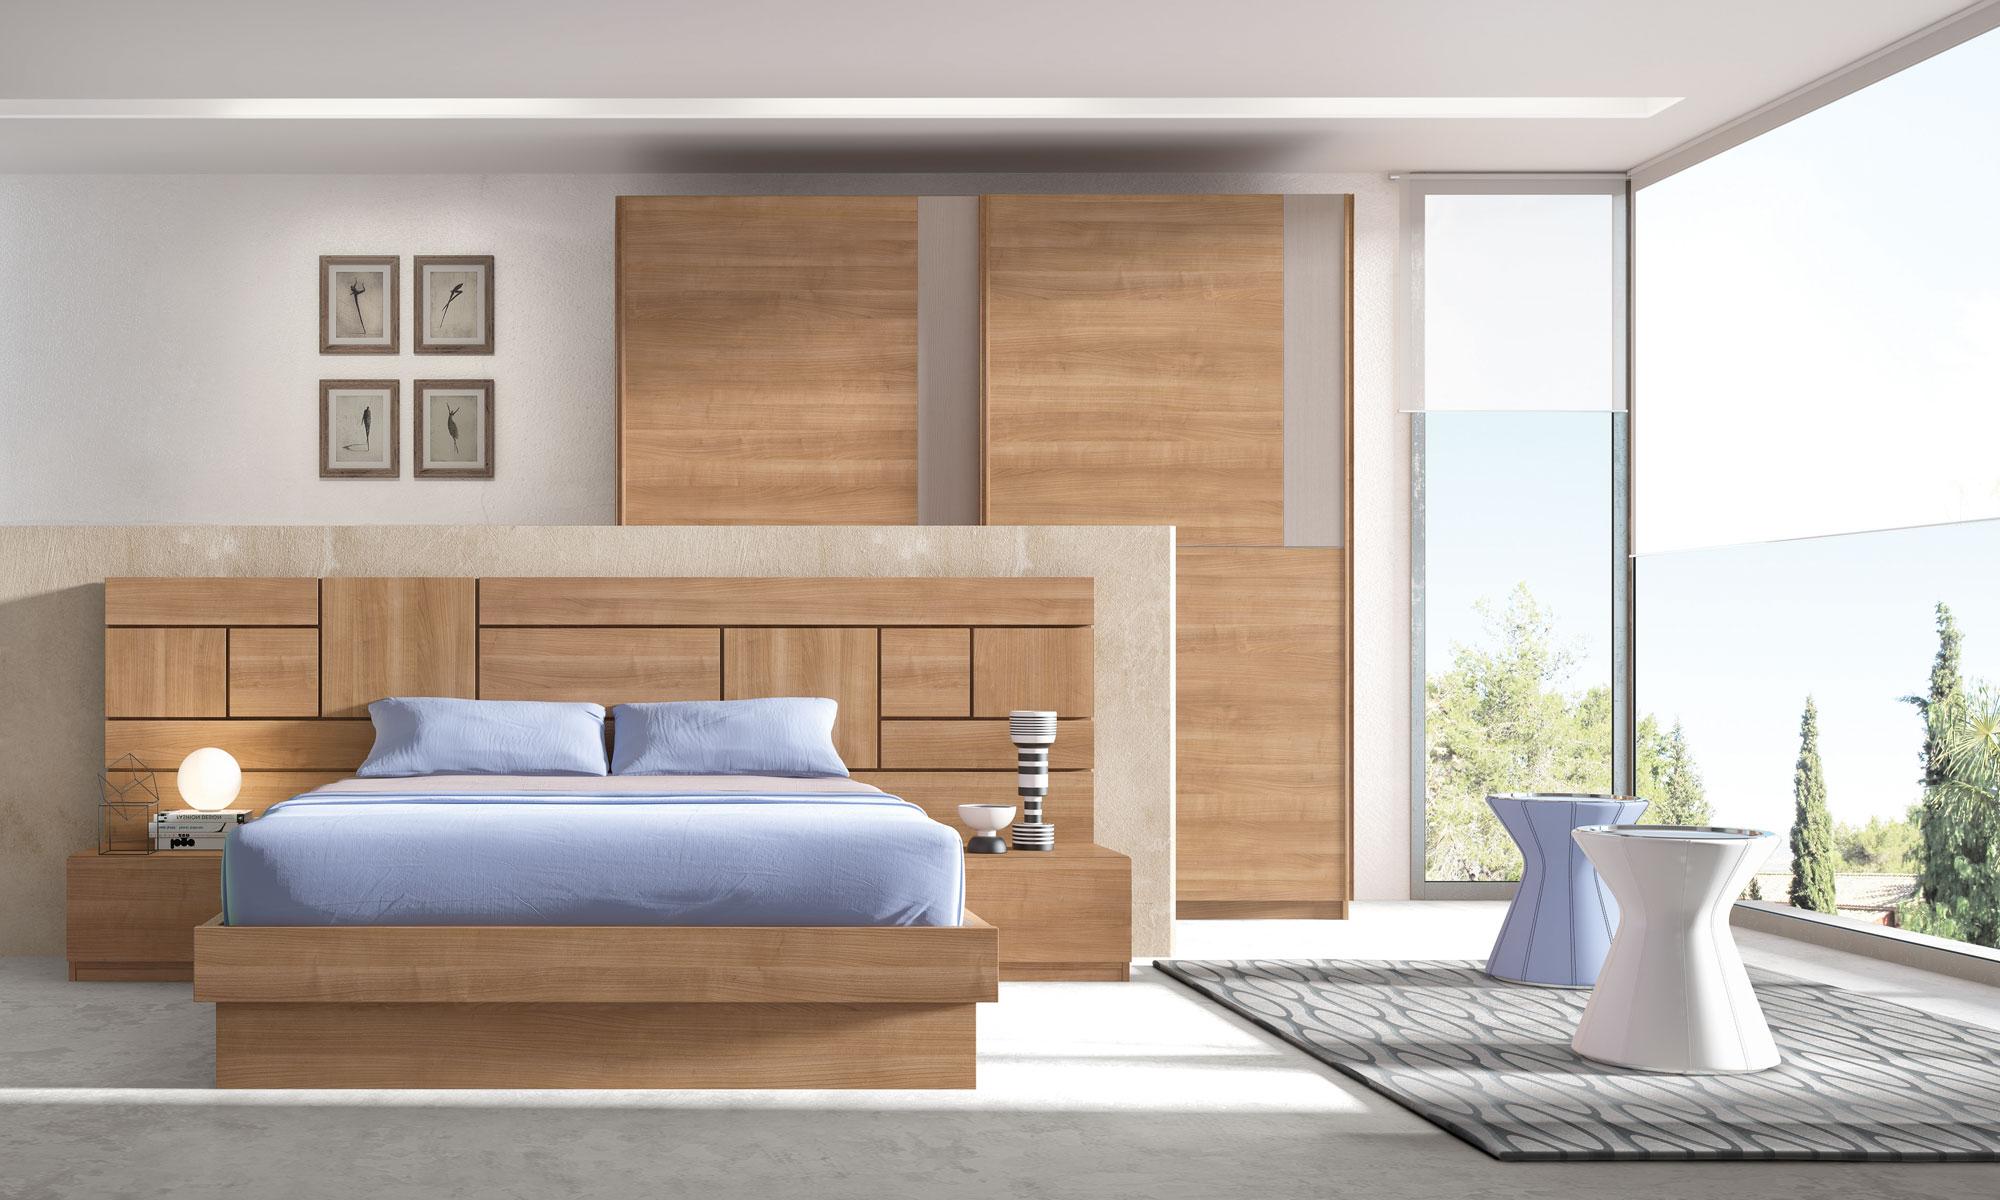 Muebles De Dormitorio Zwdg Dormitorio Tango Liso Deycor Muebles